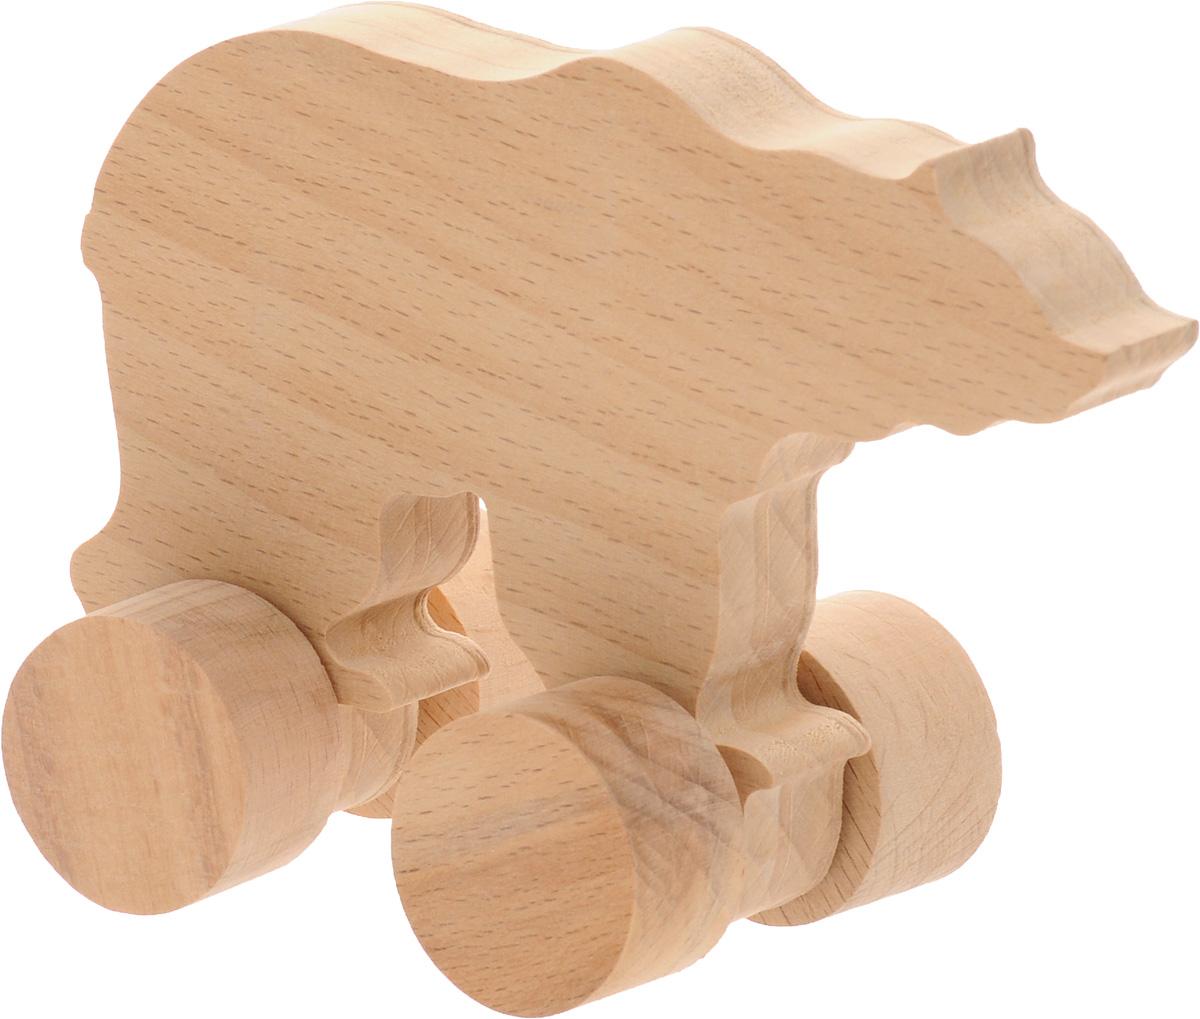 Волшебный городок Игрушка-каталка МедведьКМЕБДеревянная игрушка-каталка Волшебный городок Медведь развивает моторику ребенка, логику, пространственное мышление, зрительное восприятие и внимание малыша. Игрушка выполнена из высококачественного дерева, что абсолютно исключает вероятность травмирования. Понравится каждому малышу и станет хорошим подарком.